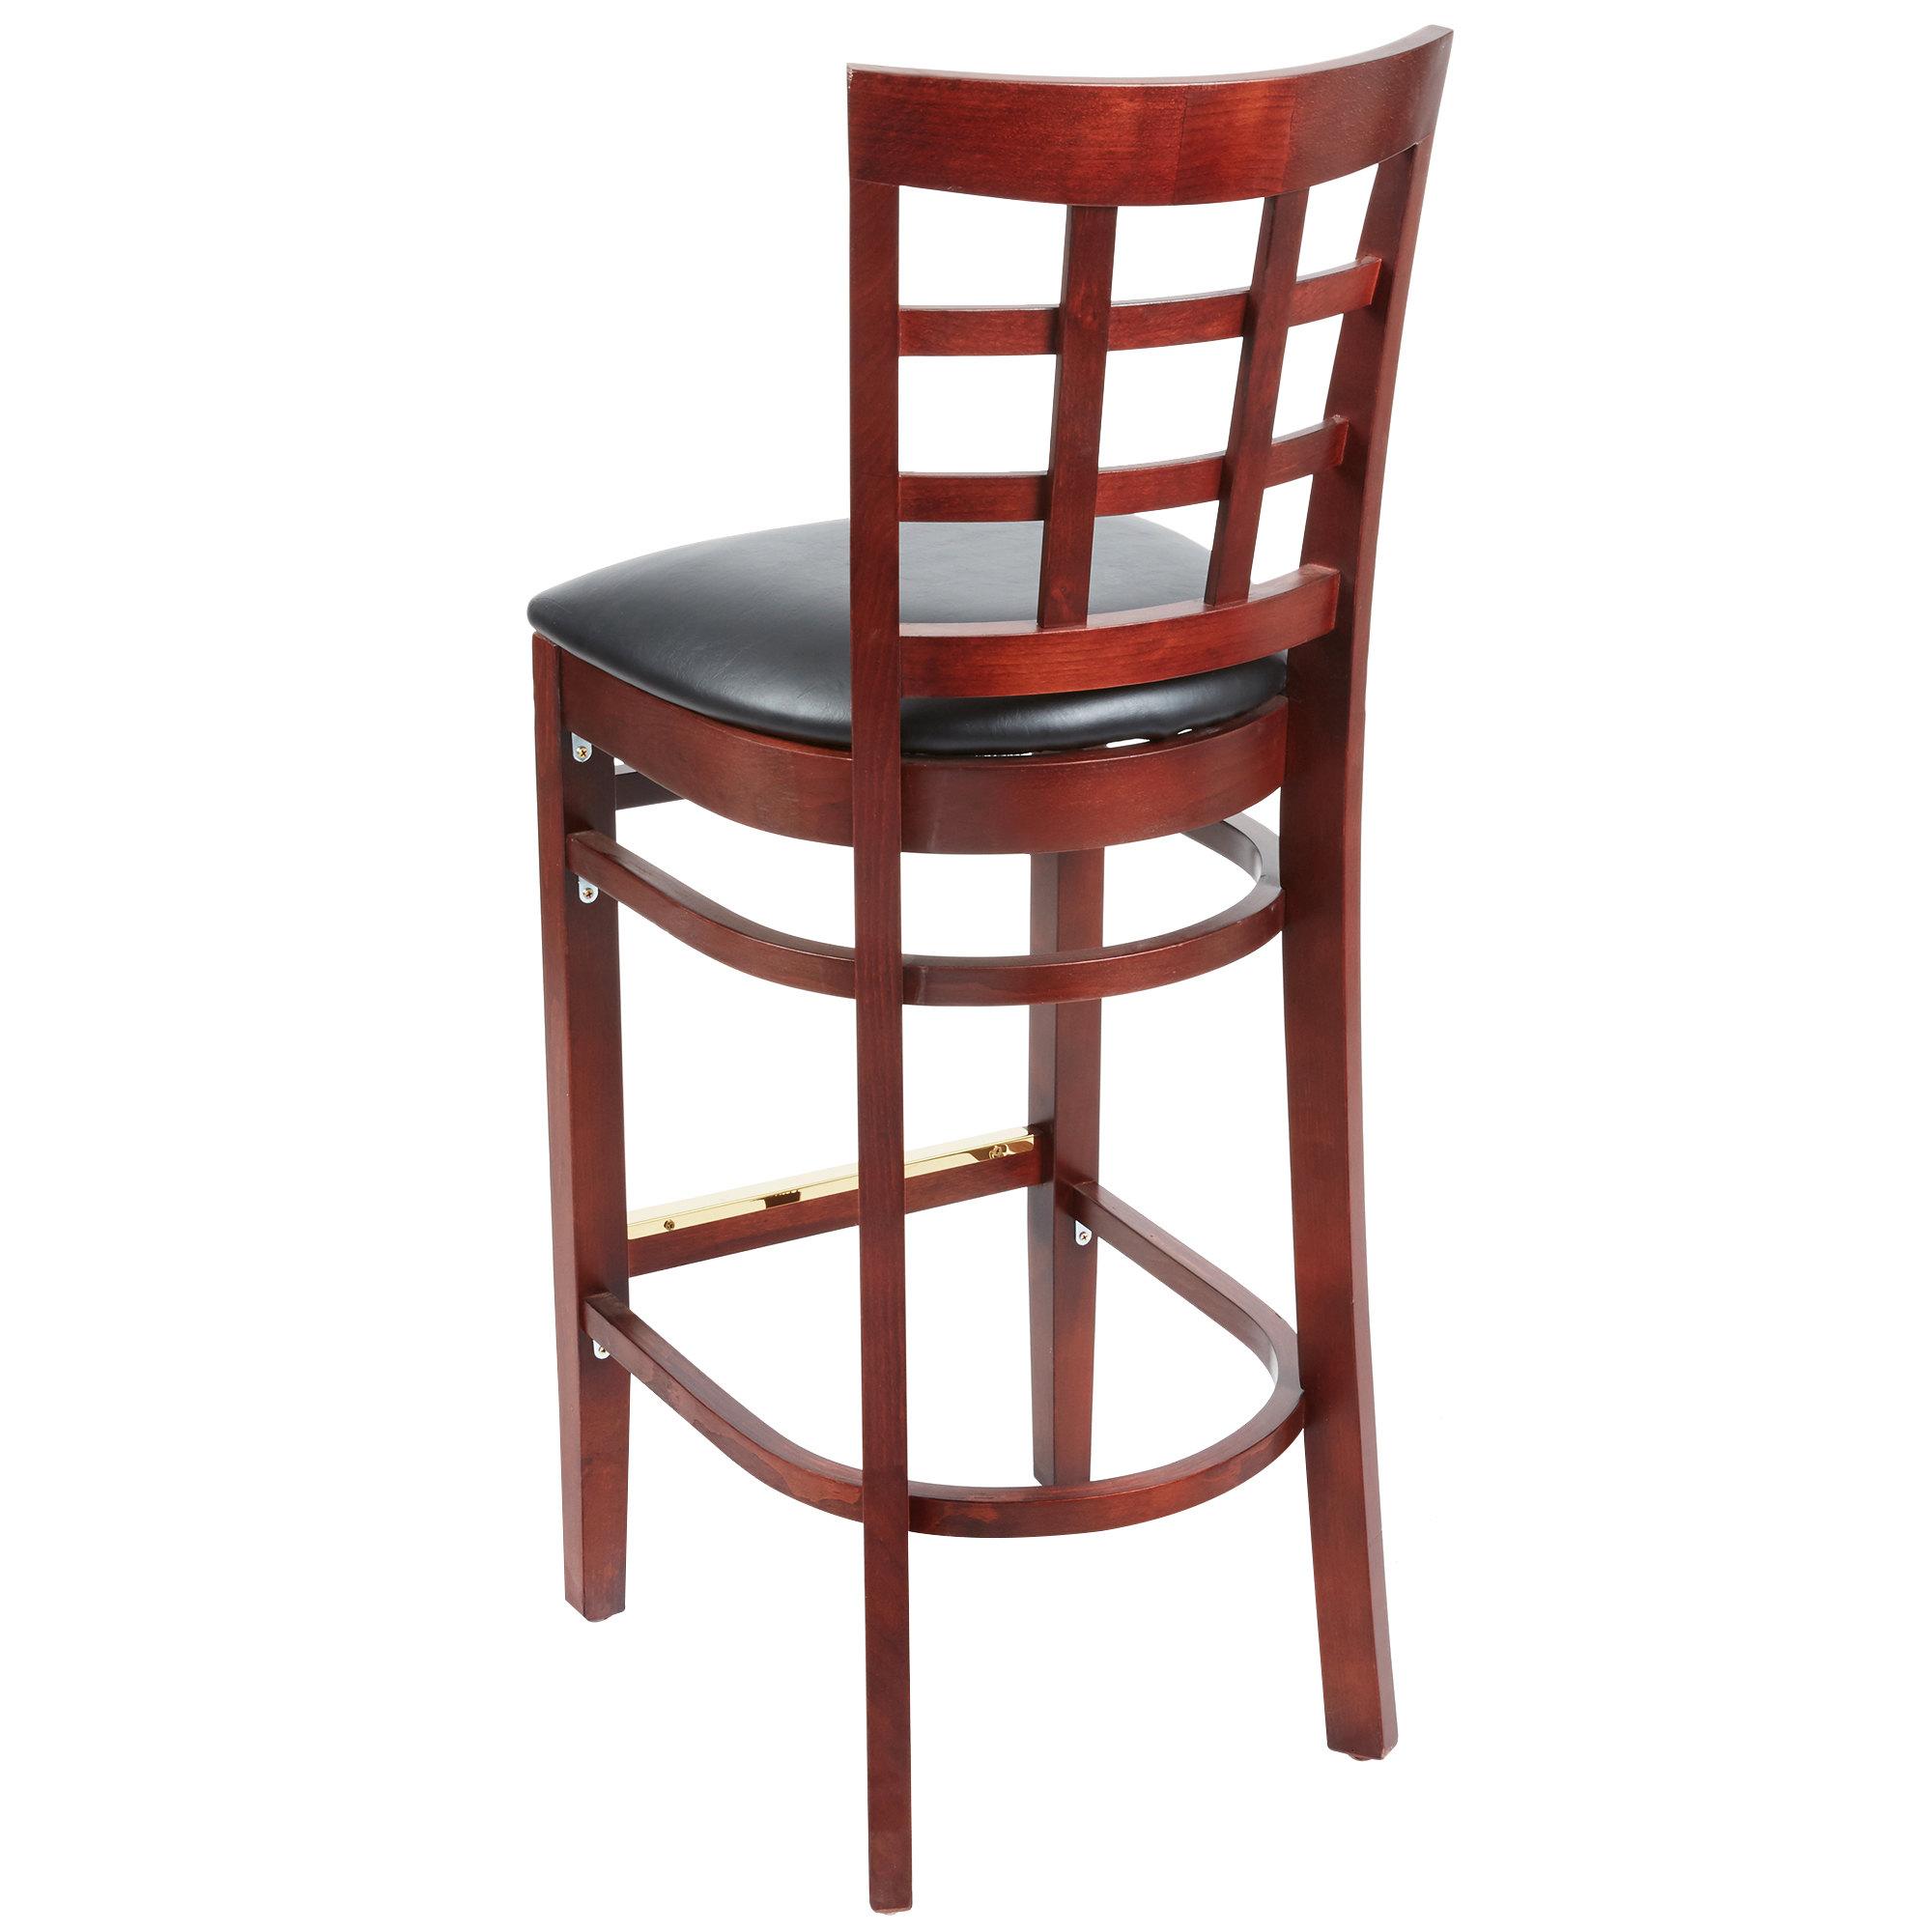 #63 - Mahogany Wood Finished Window Back Restaurant Barstool with Black Vinyl Seat